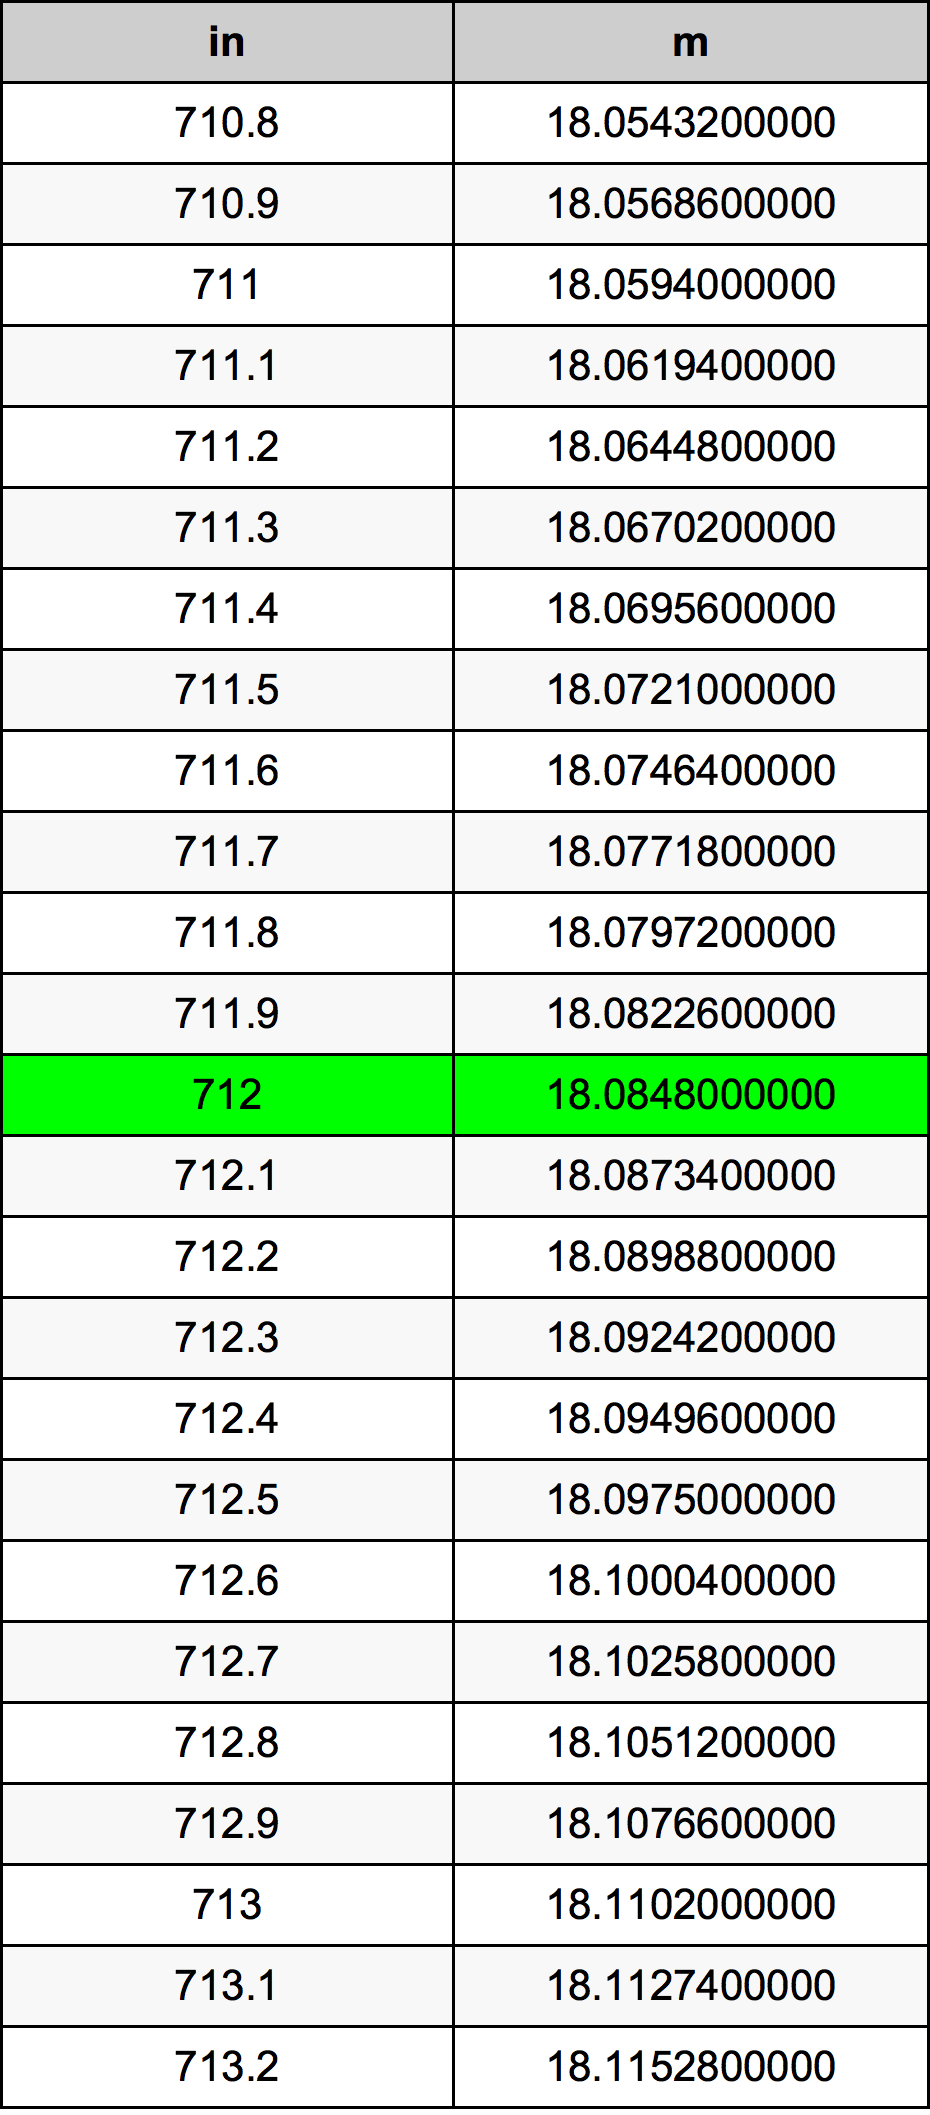 712 Tomme konverteringstabellen